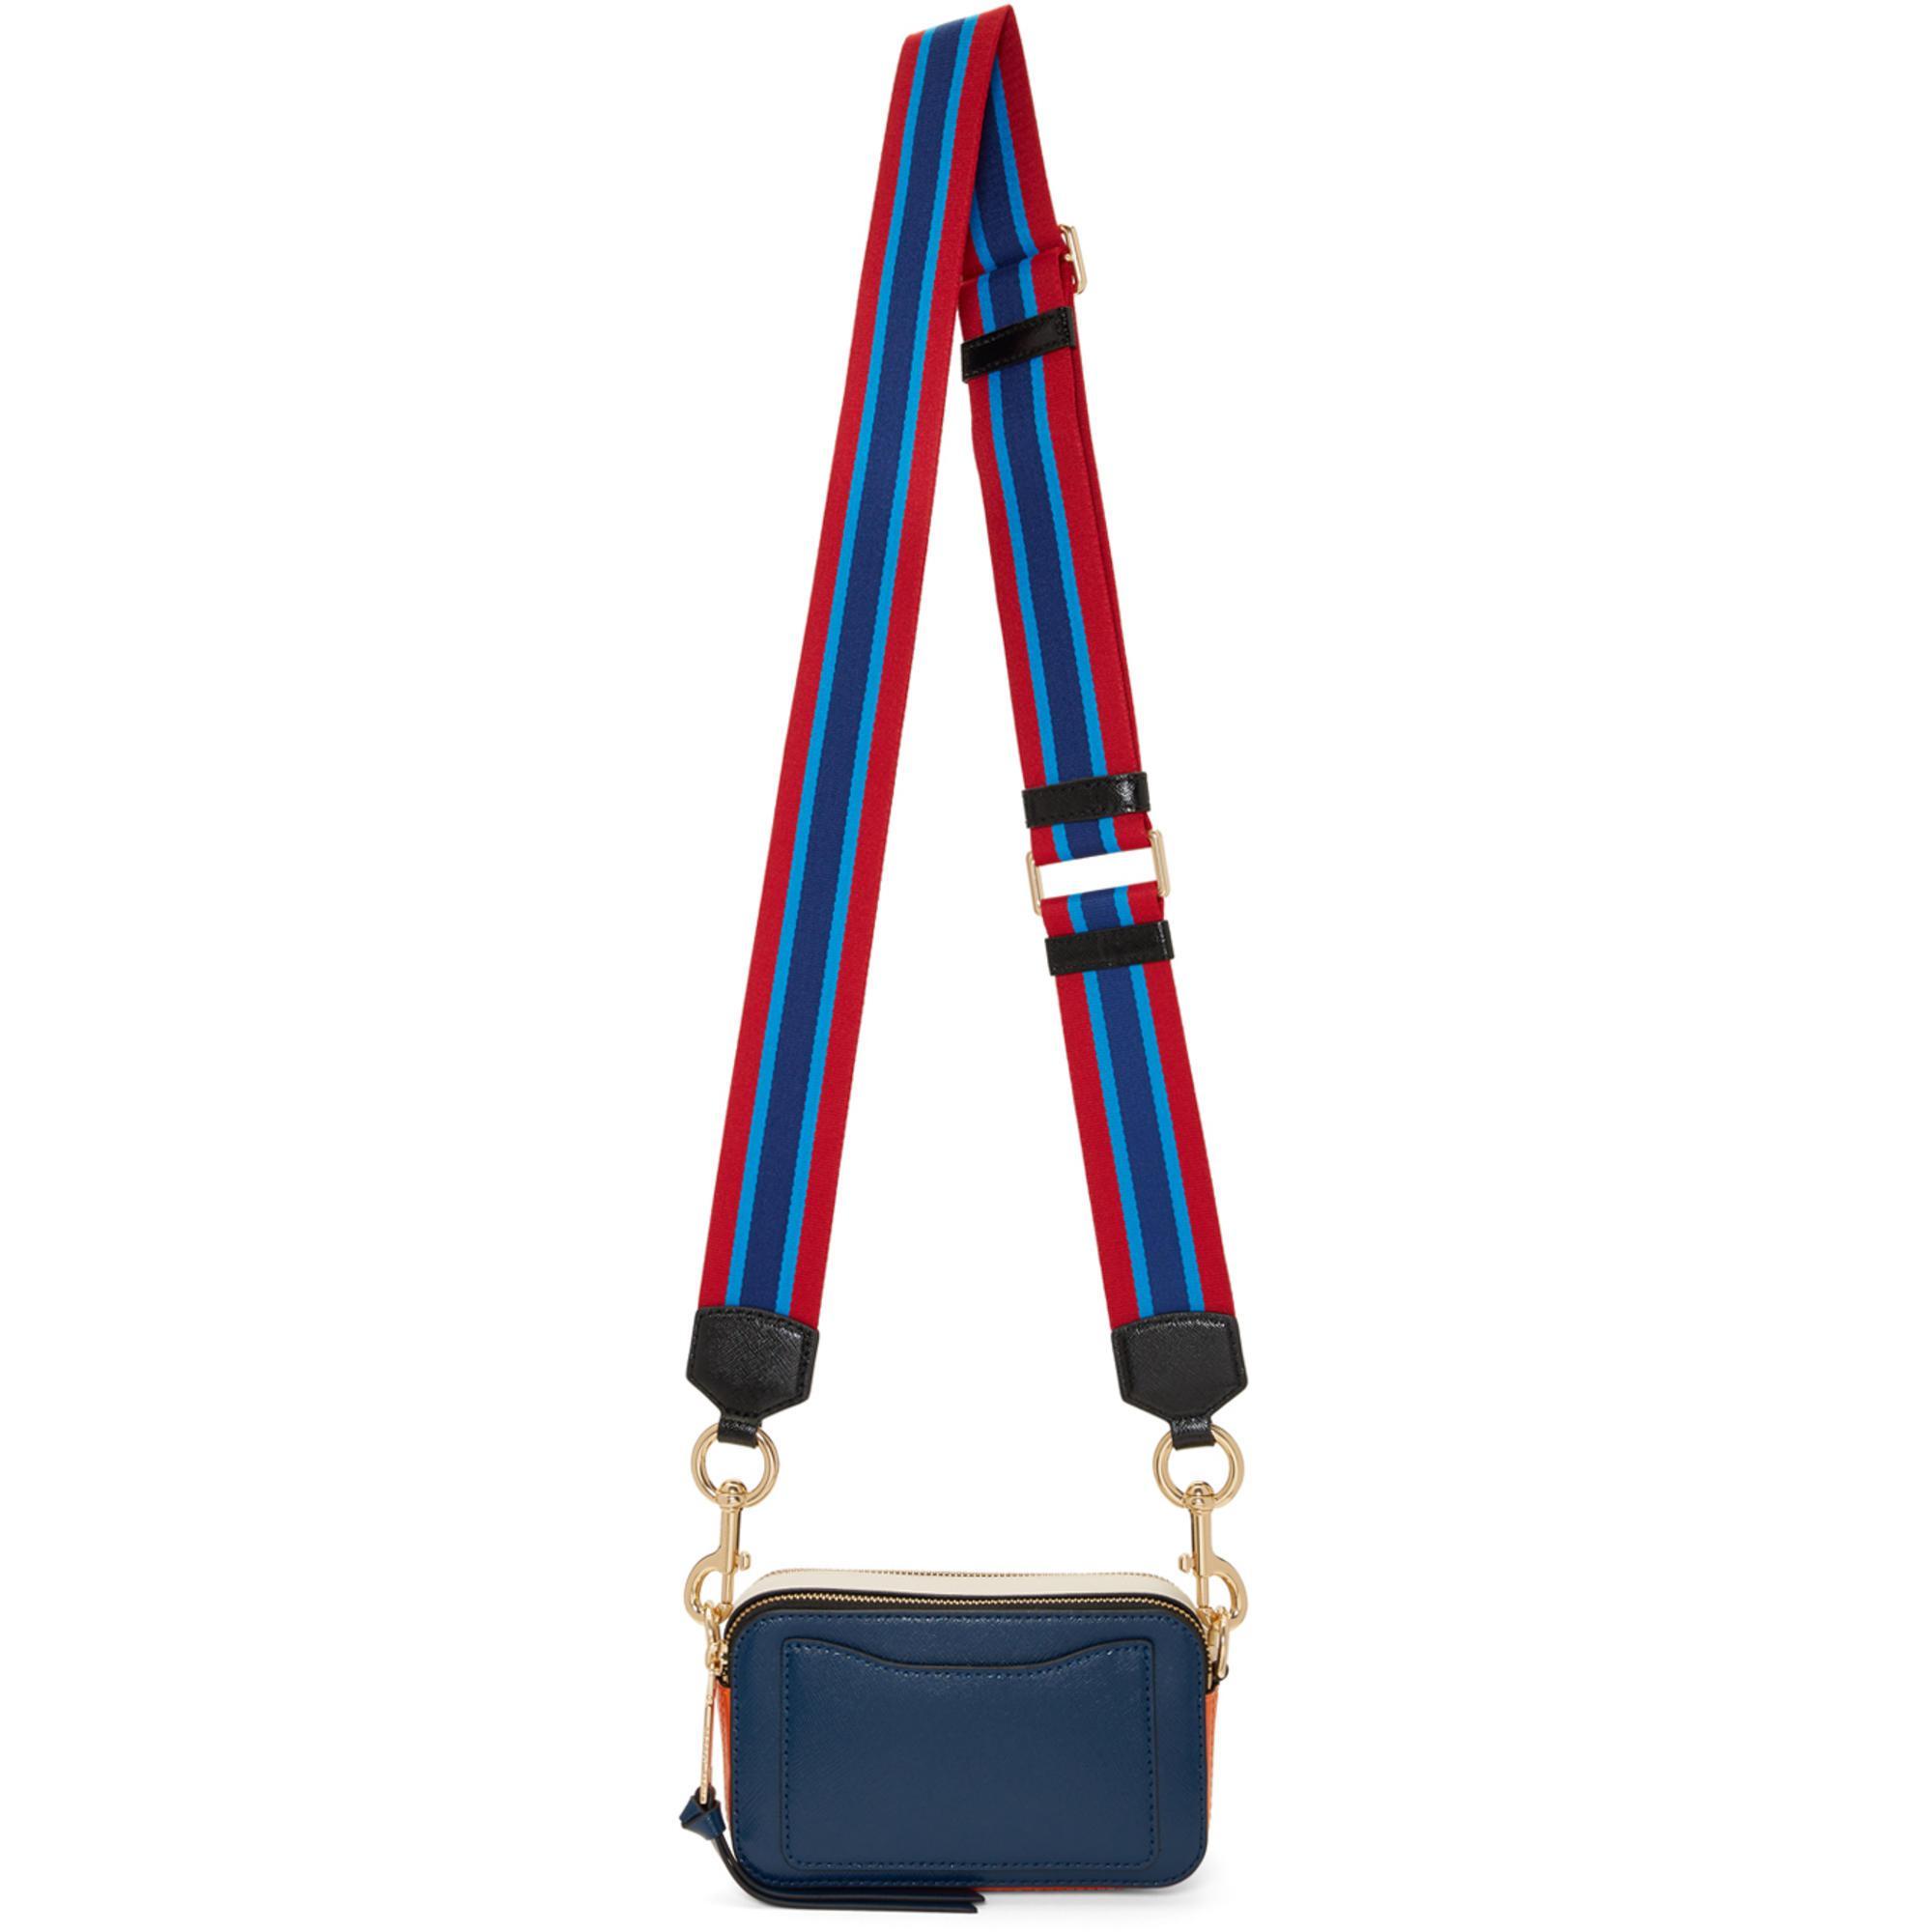 Navy Small Snapshot Bag